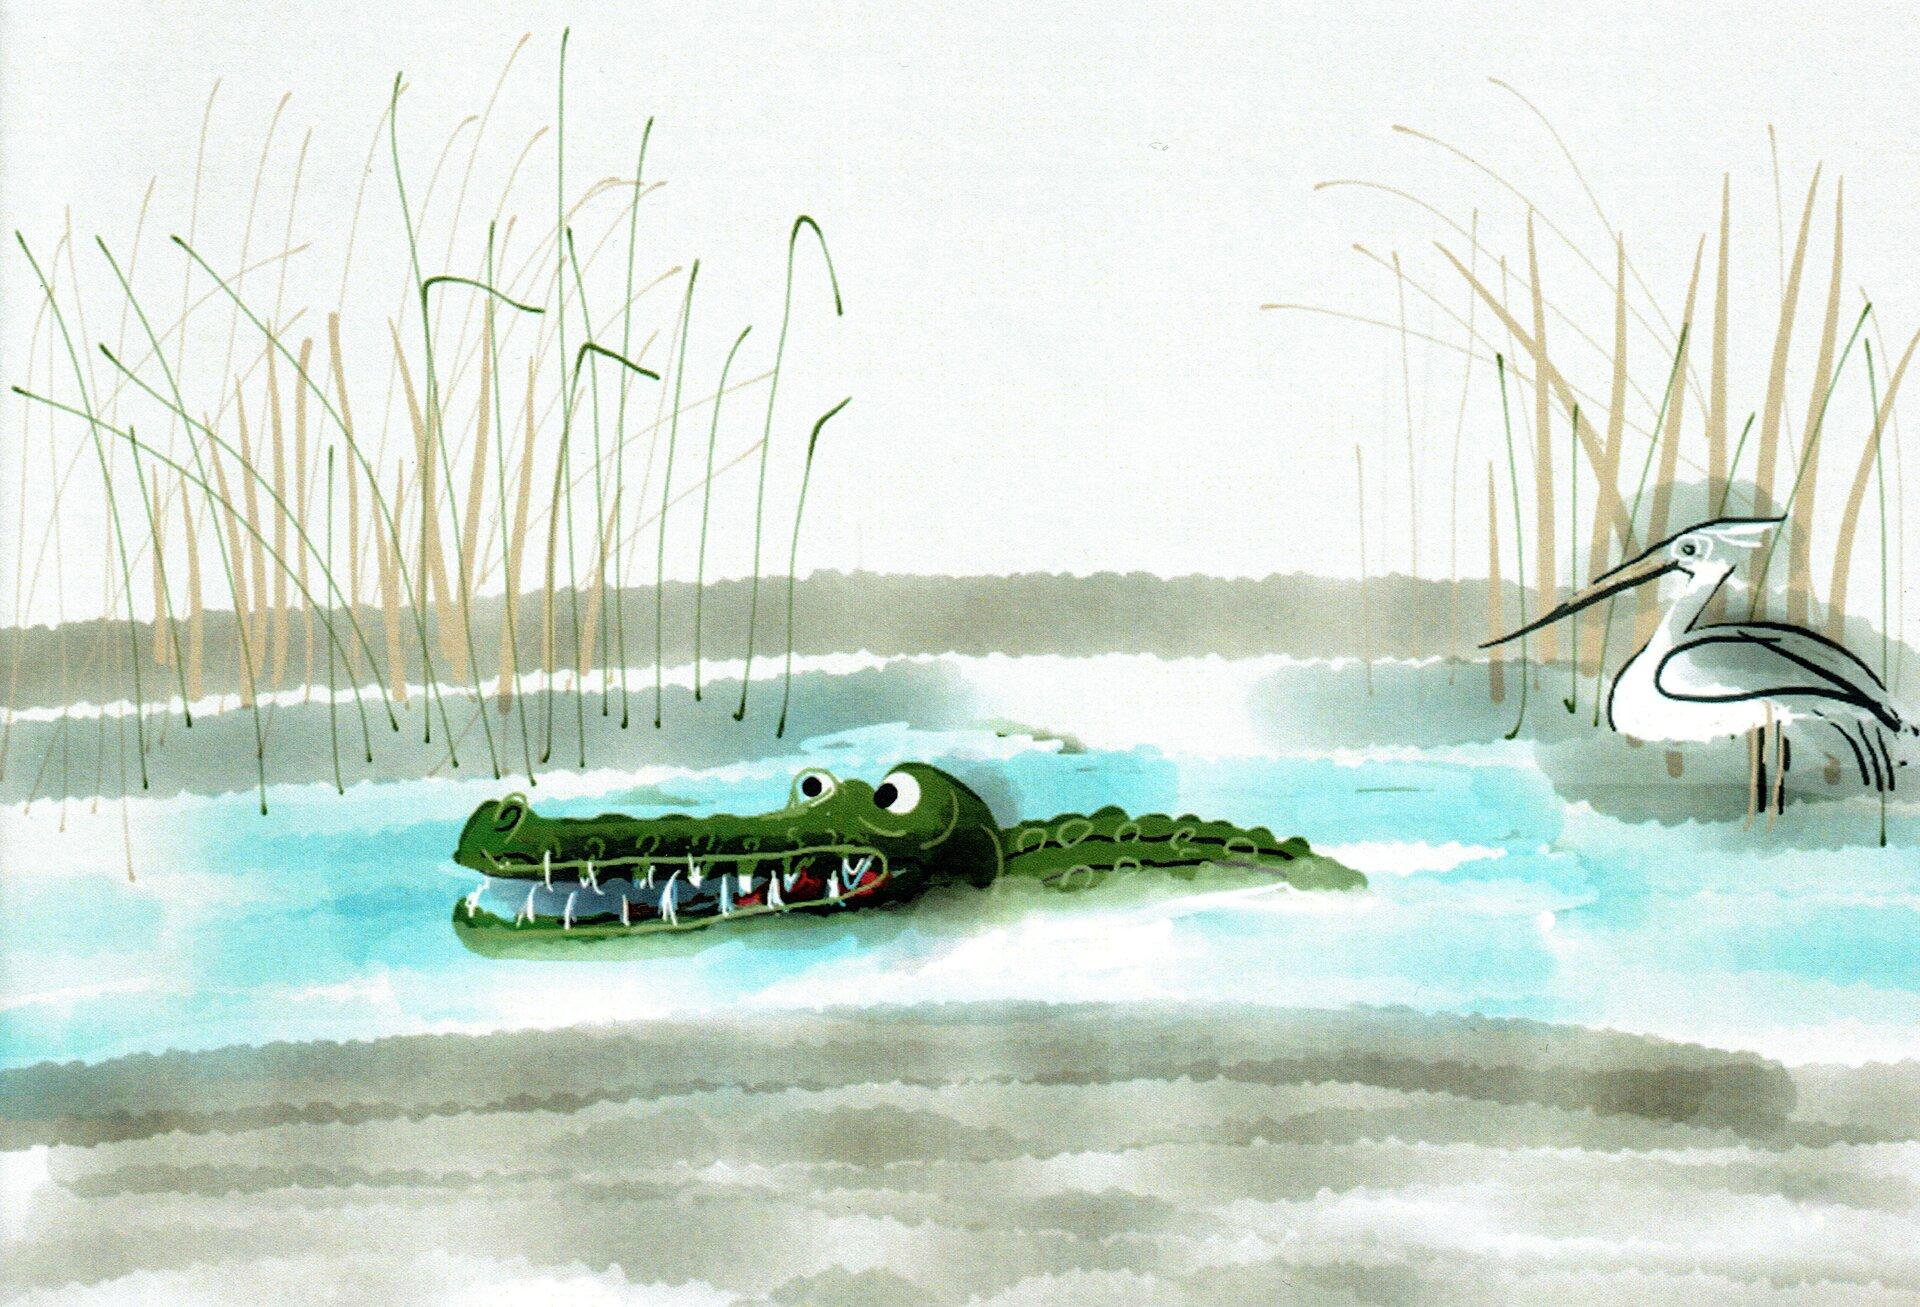 """Ilustracja przedstawia pracę Józefa Wilkonia zksiążki Rudyarda Kiplinga, """"Słoniątko"""". Ukazuje krokodyla oraz czaplę brodzącą wwodzie. Na drugim planie widoczna jest trzcina, awtle rozmyty las."""